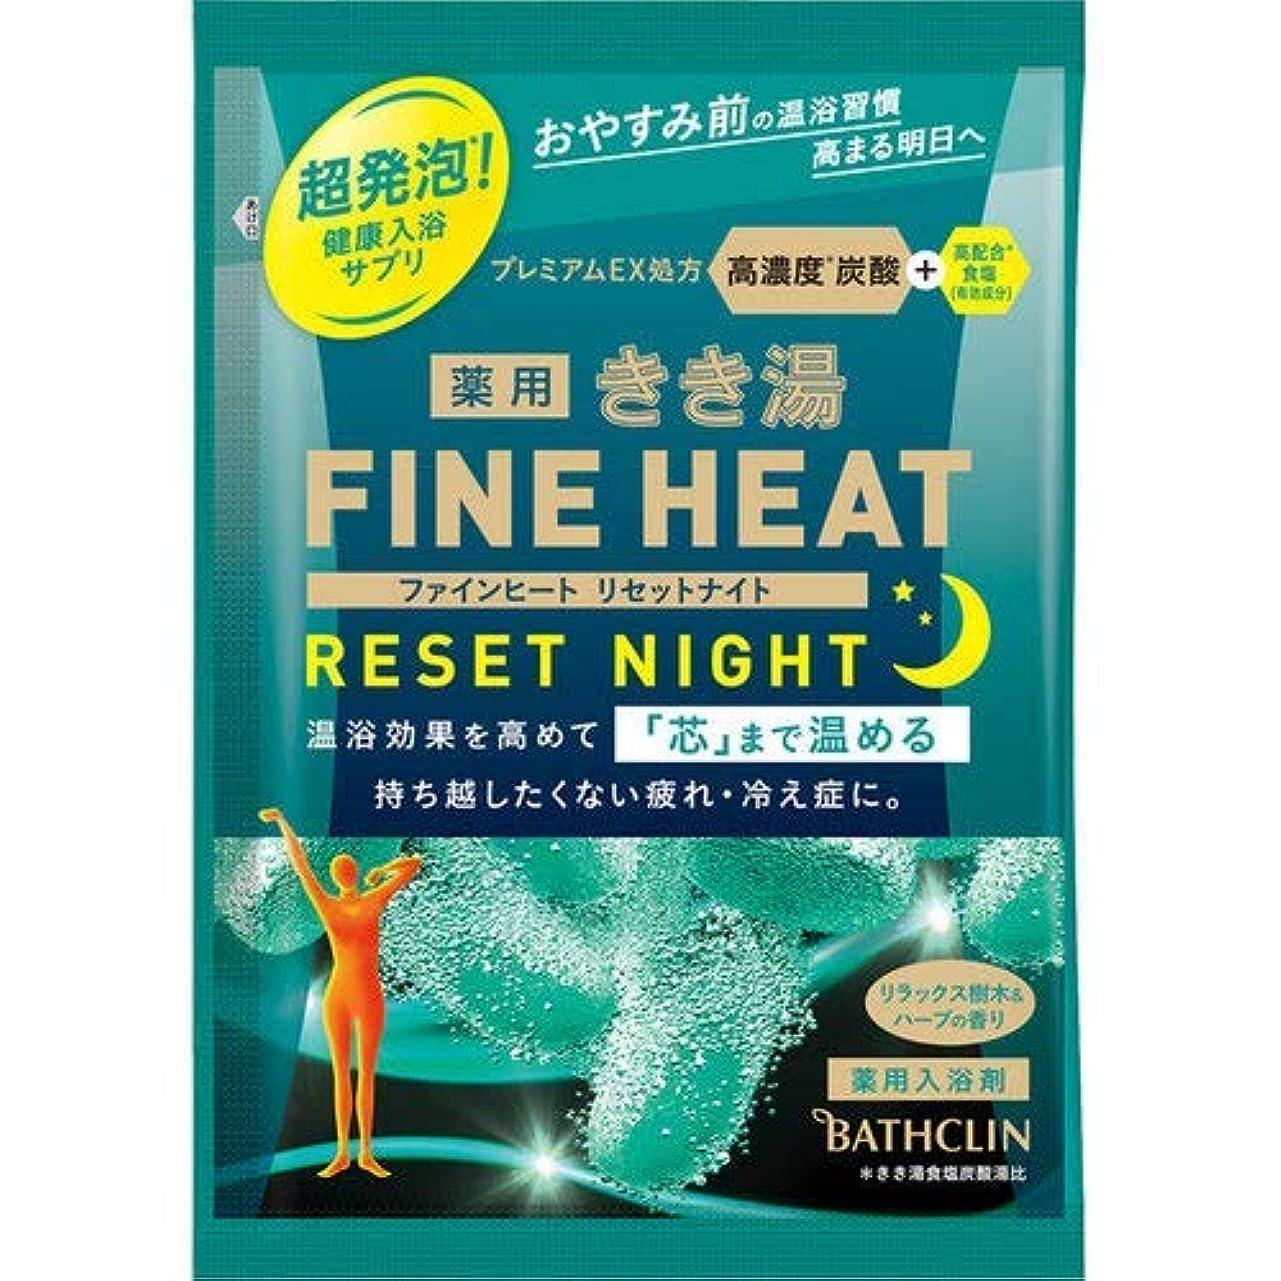 うっかり疎外するしがみつくきき湯ファインヒート リセットナイト 50g × 2個セット